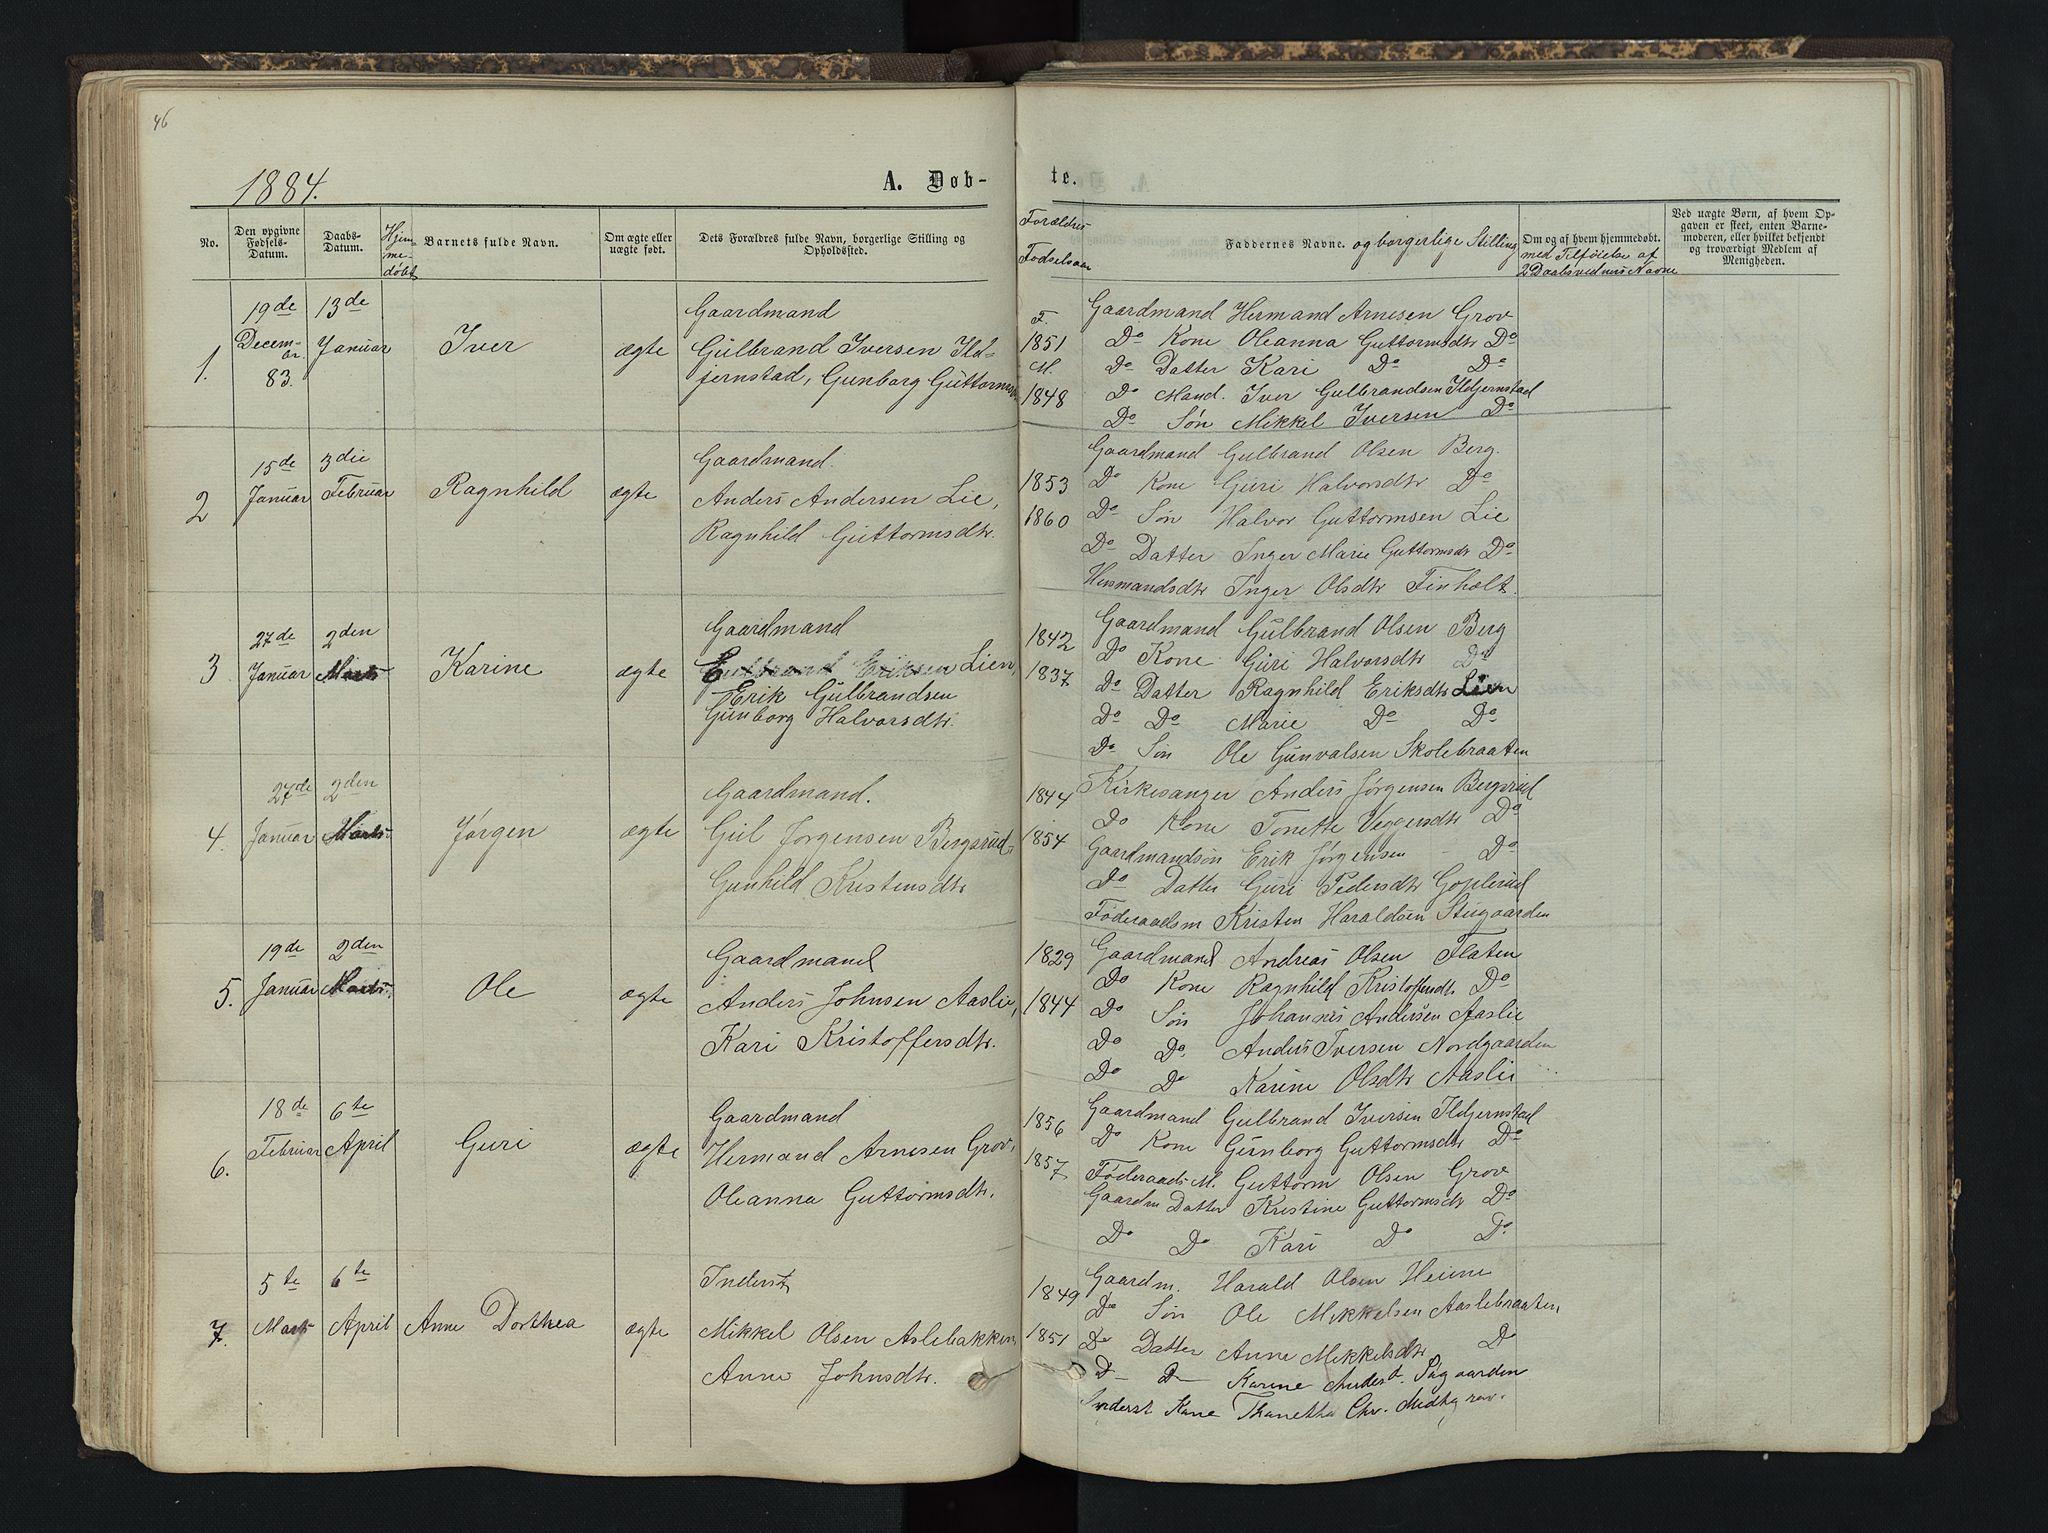 SAH, Sør-Aurdal prestekontor, Klokkerbok nr. 4, 1865-1893, s. 46